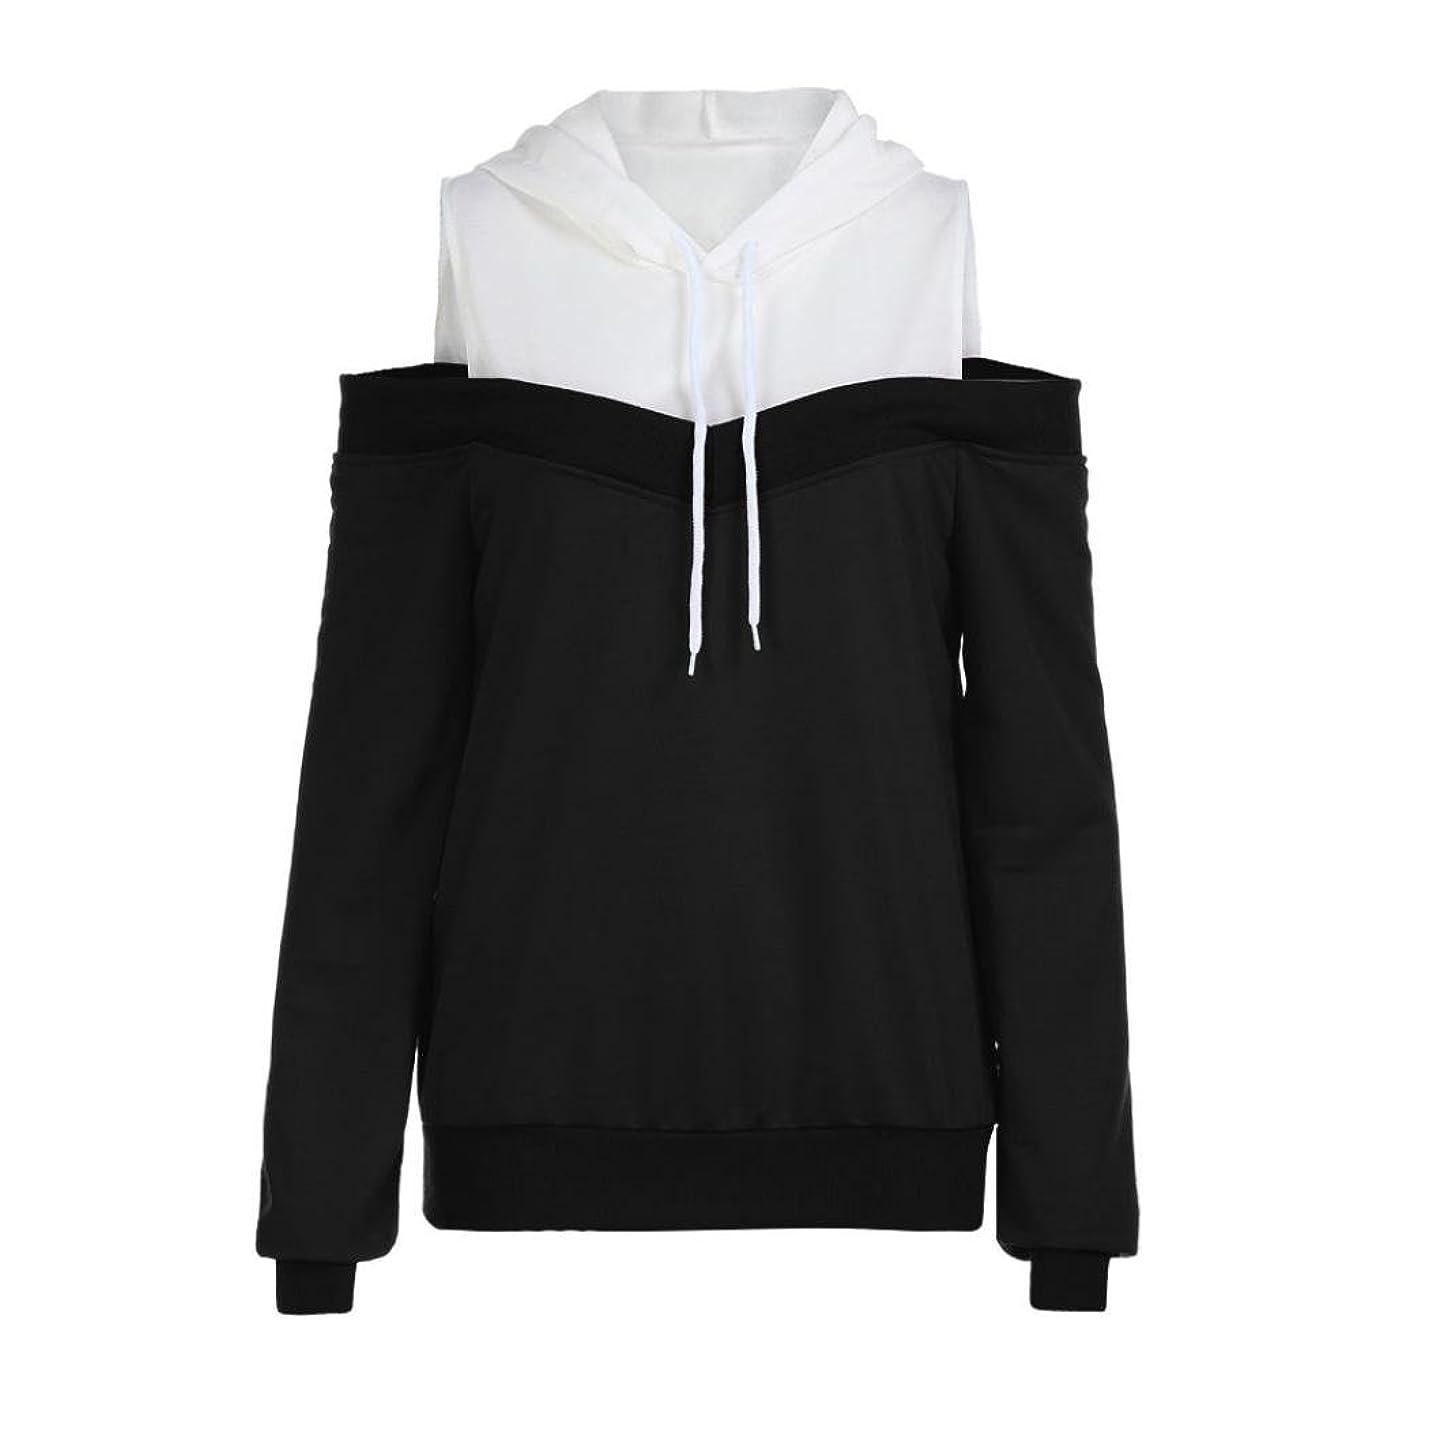 意義武器首SakuraBest レディースファッションオフショルダーロングスリーブパーカースウェットシャツ